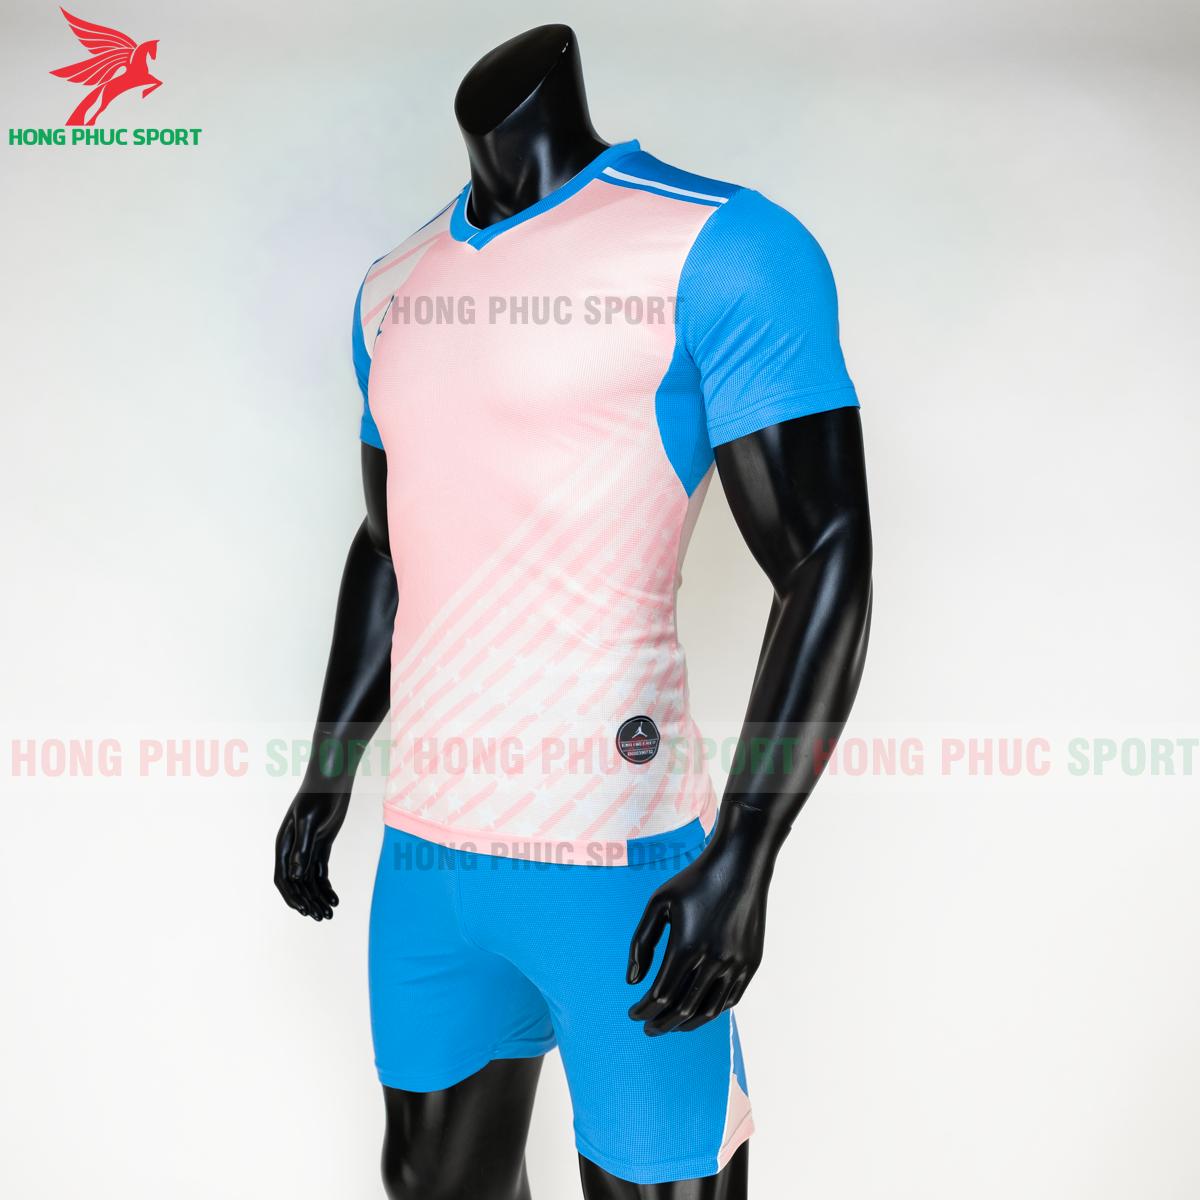 https://cdn.hongphucsport.com/unsafe/s4.shopbay.vn/files/285/ao-bong-chuyen-jordan-20-21-hang-det-mau1-4-5fae5851cca96.png